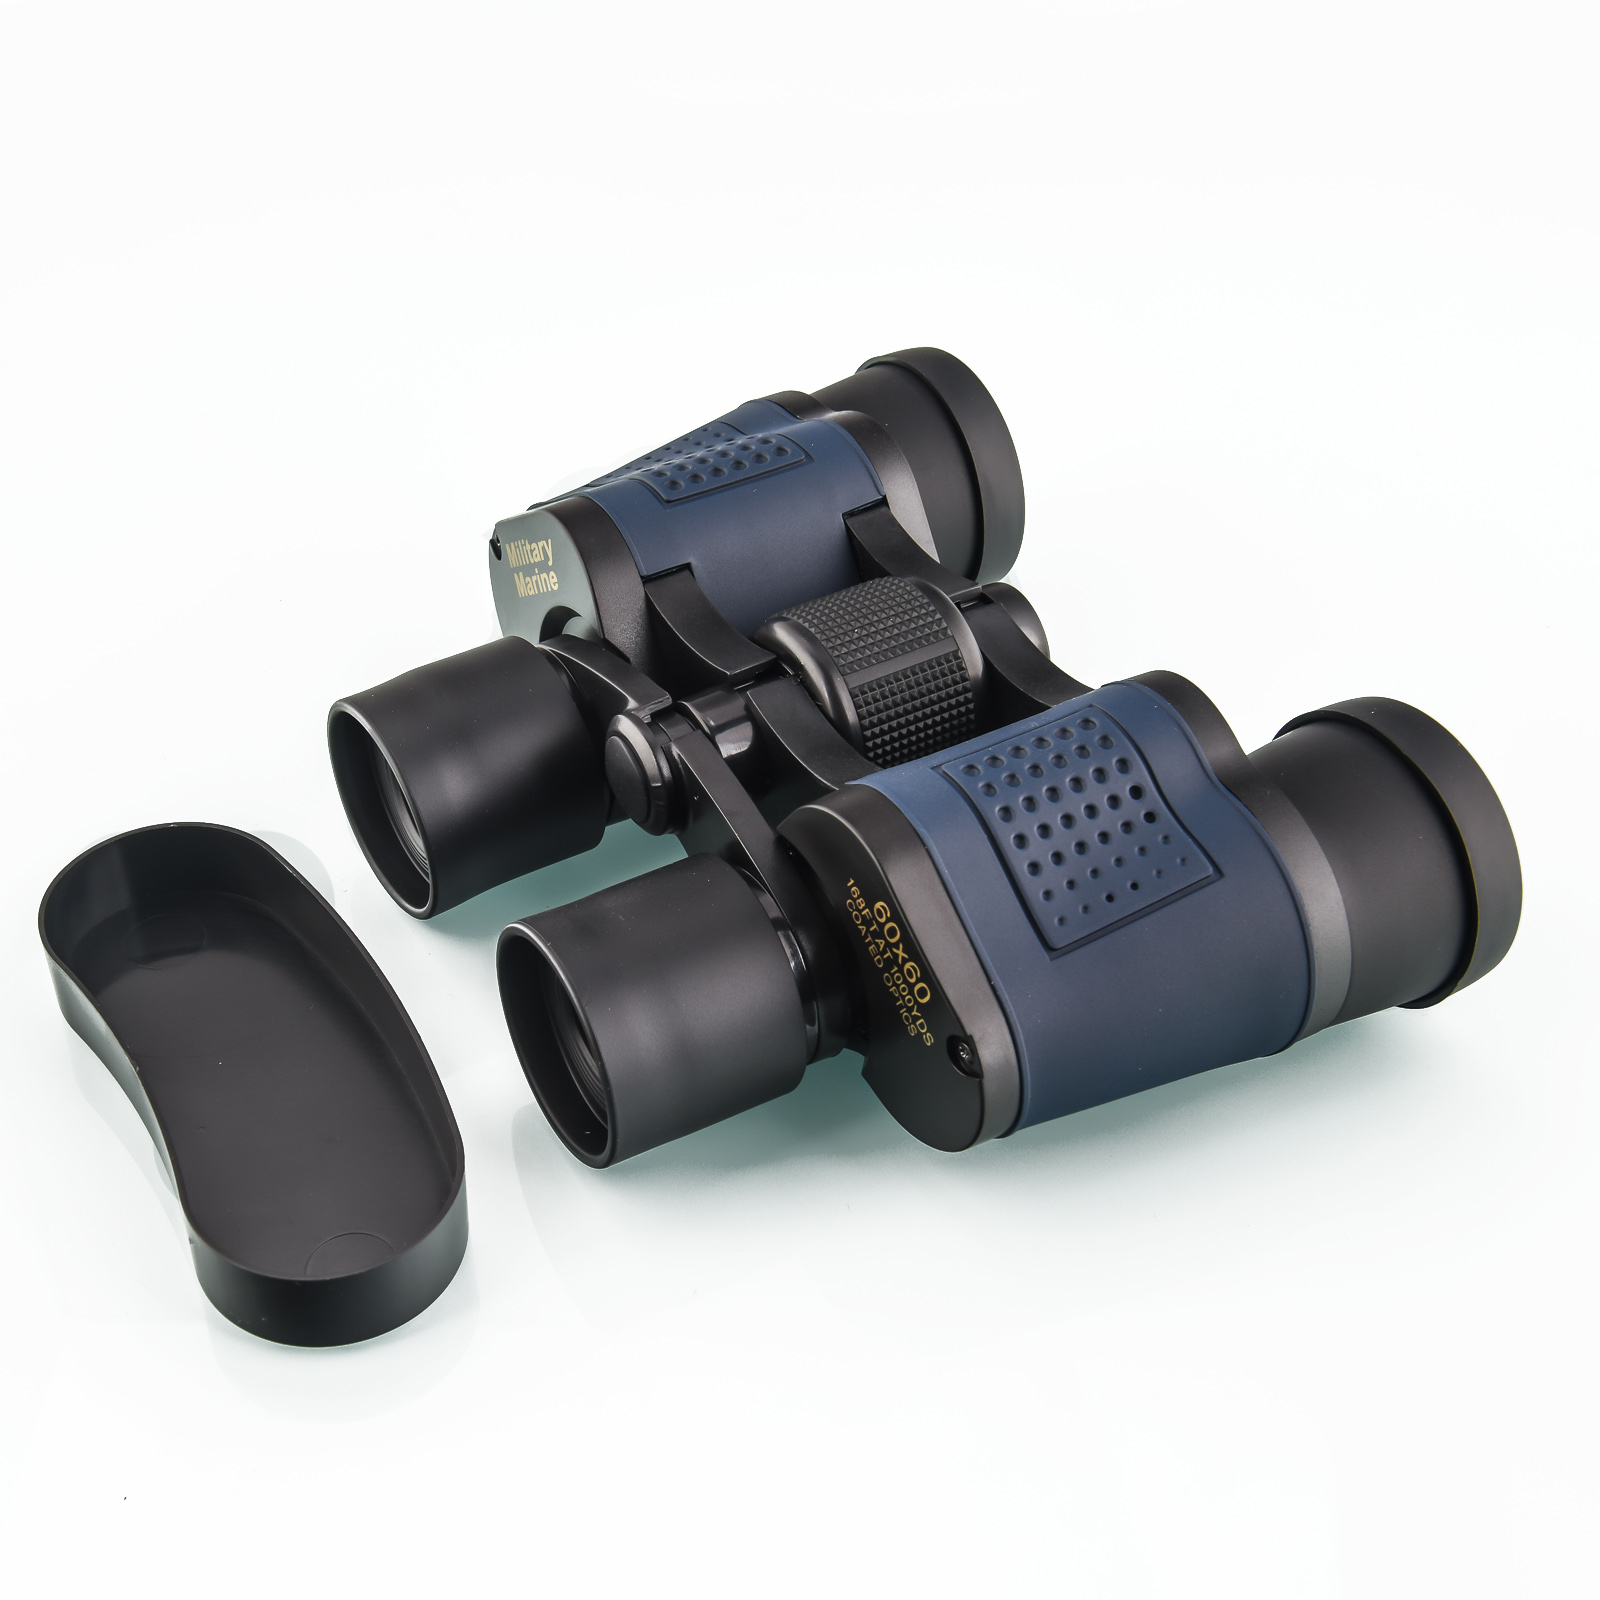 Бинокль для наблюдения Military Marine FMC 60x60